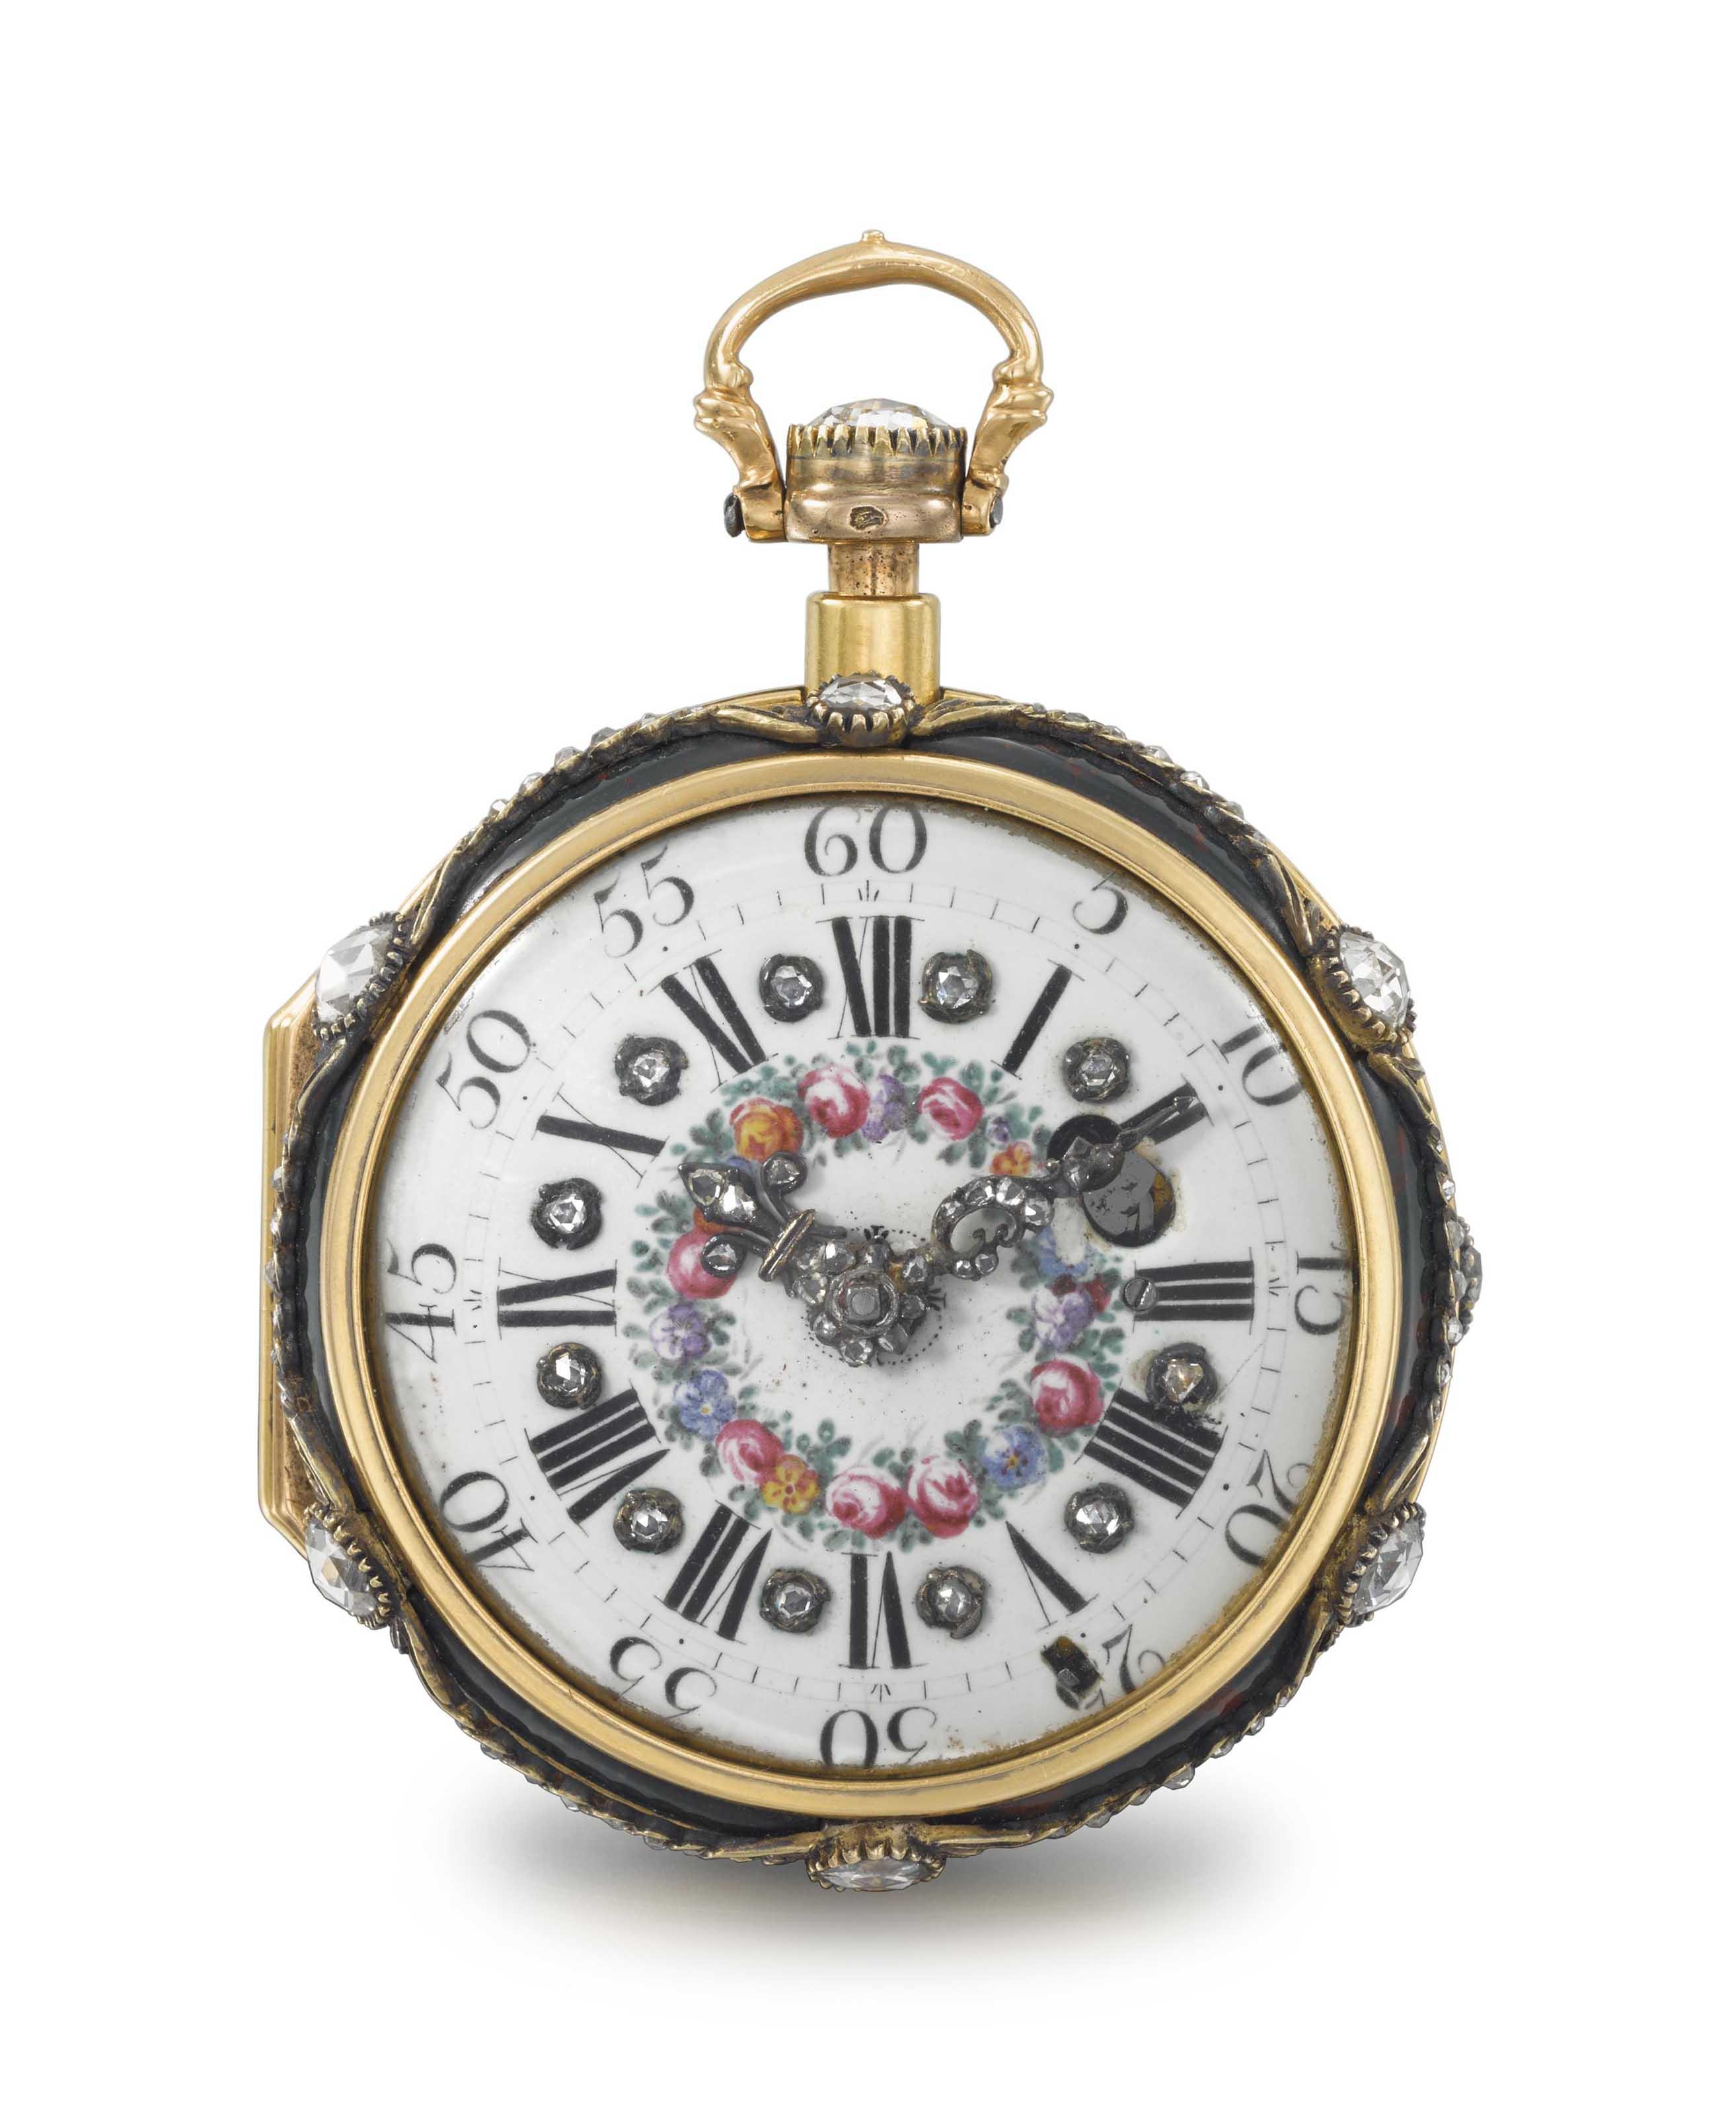 Julien Le Roy à Paris. A fine and rare, 18K gold, bloodstone and diamond set à toc quarter repeating verge watch